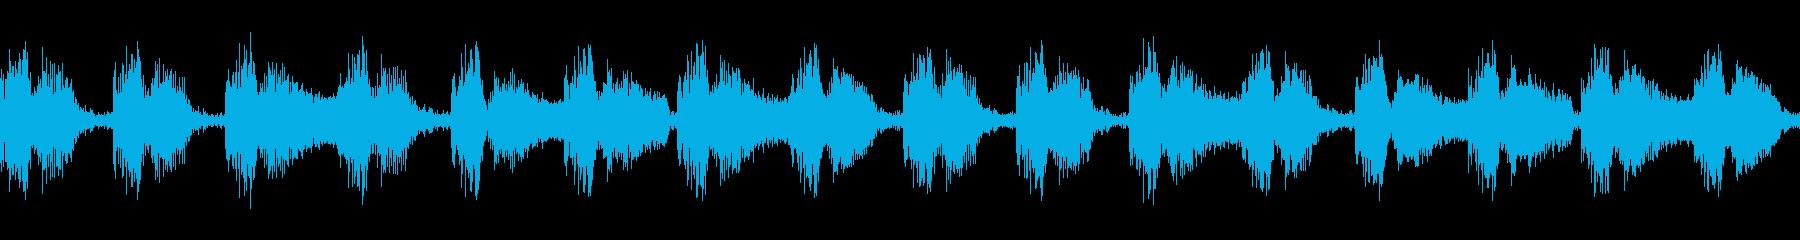 EDM,パーティ、イベント、ループ2の再生済みの波形